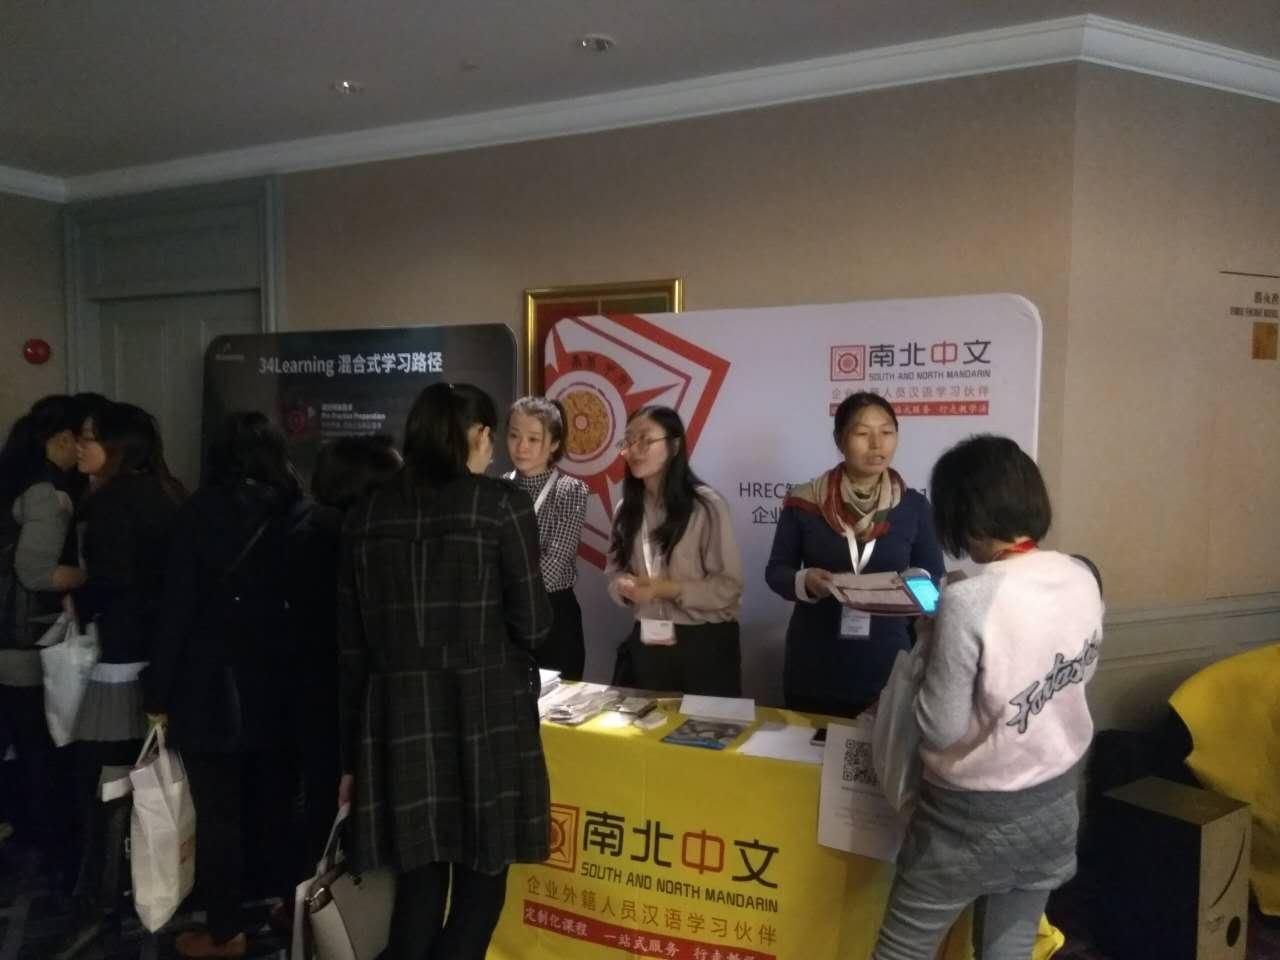 上海 外籍人员学习中文,外籍人员汉语培训机构 上海